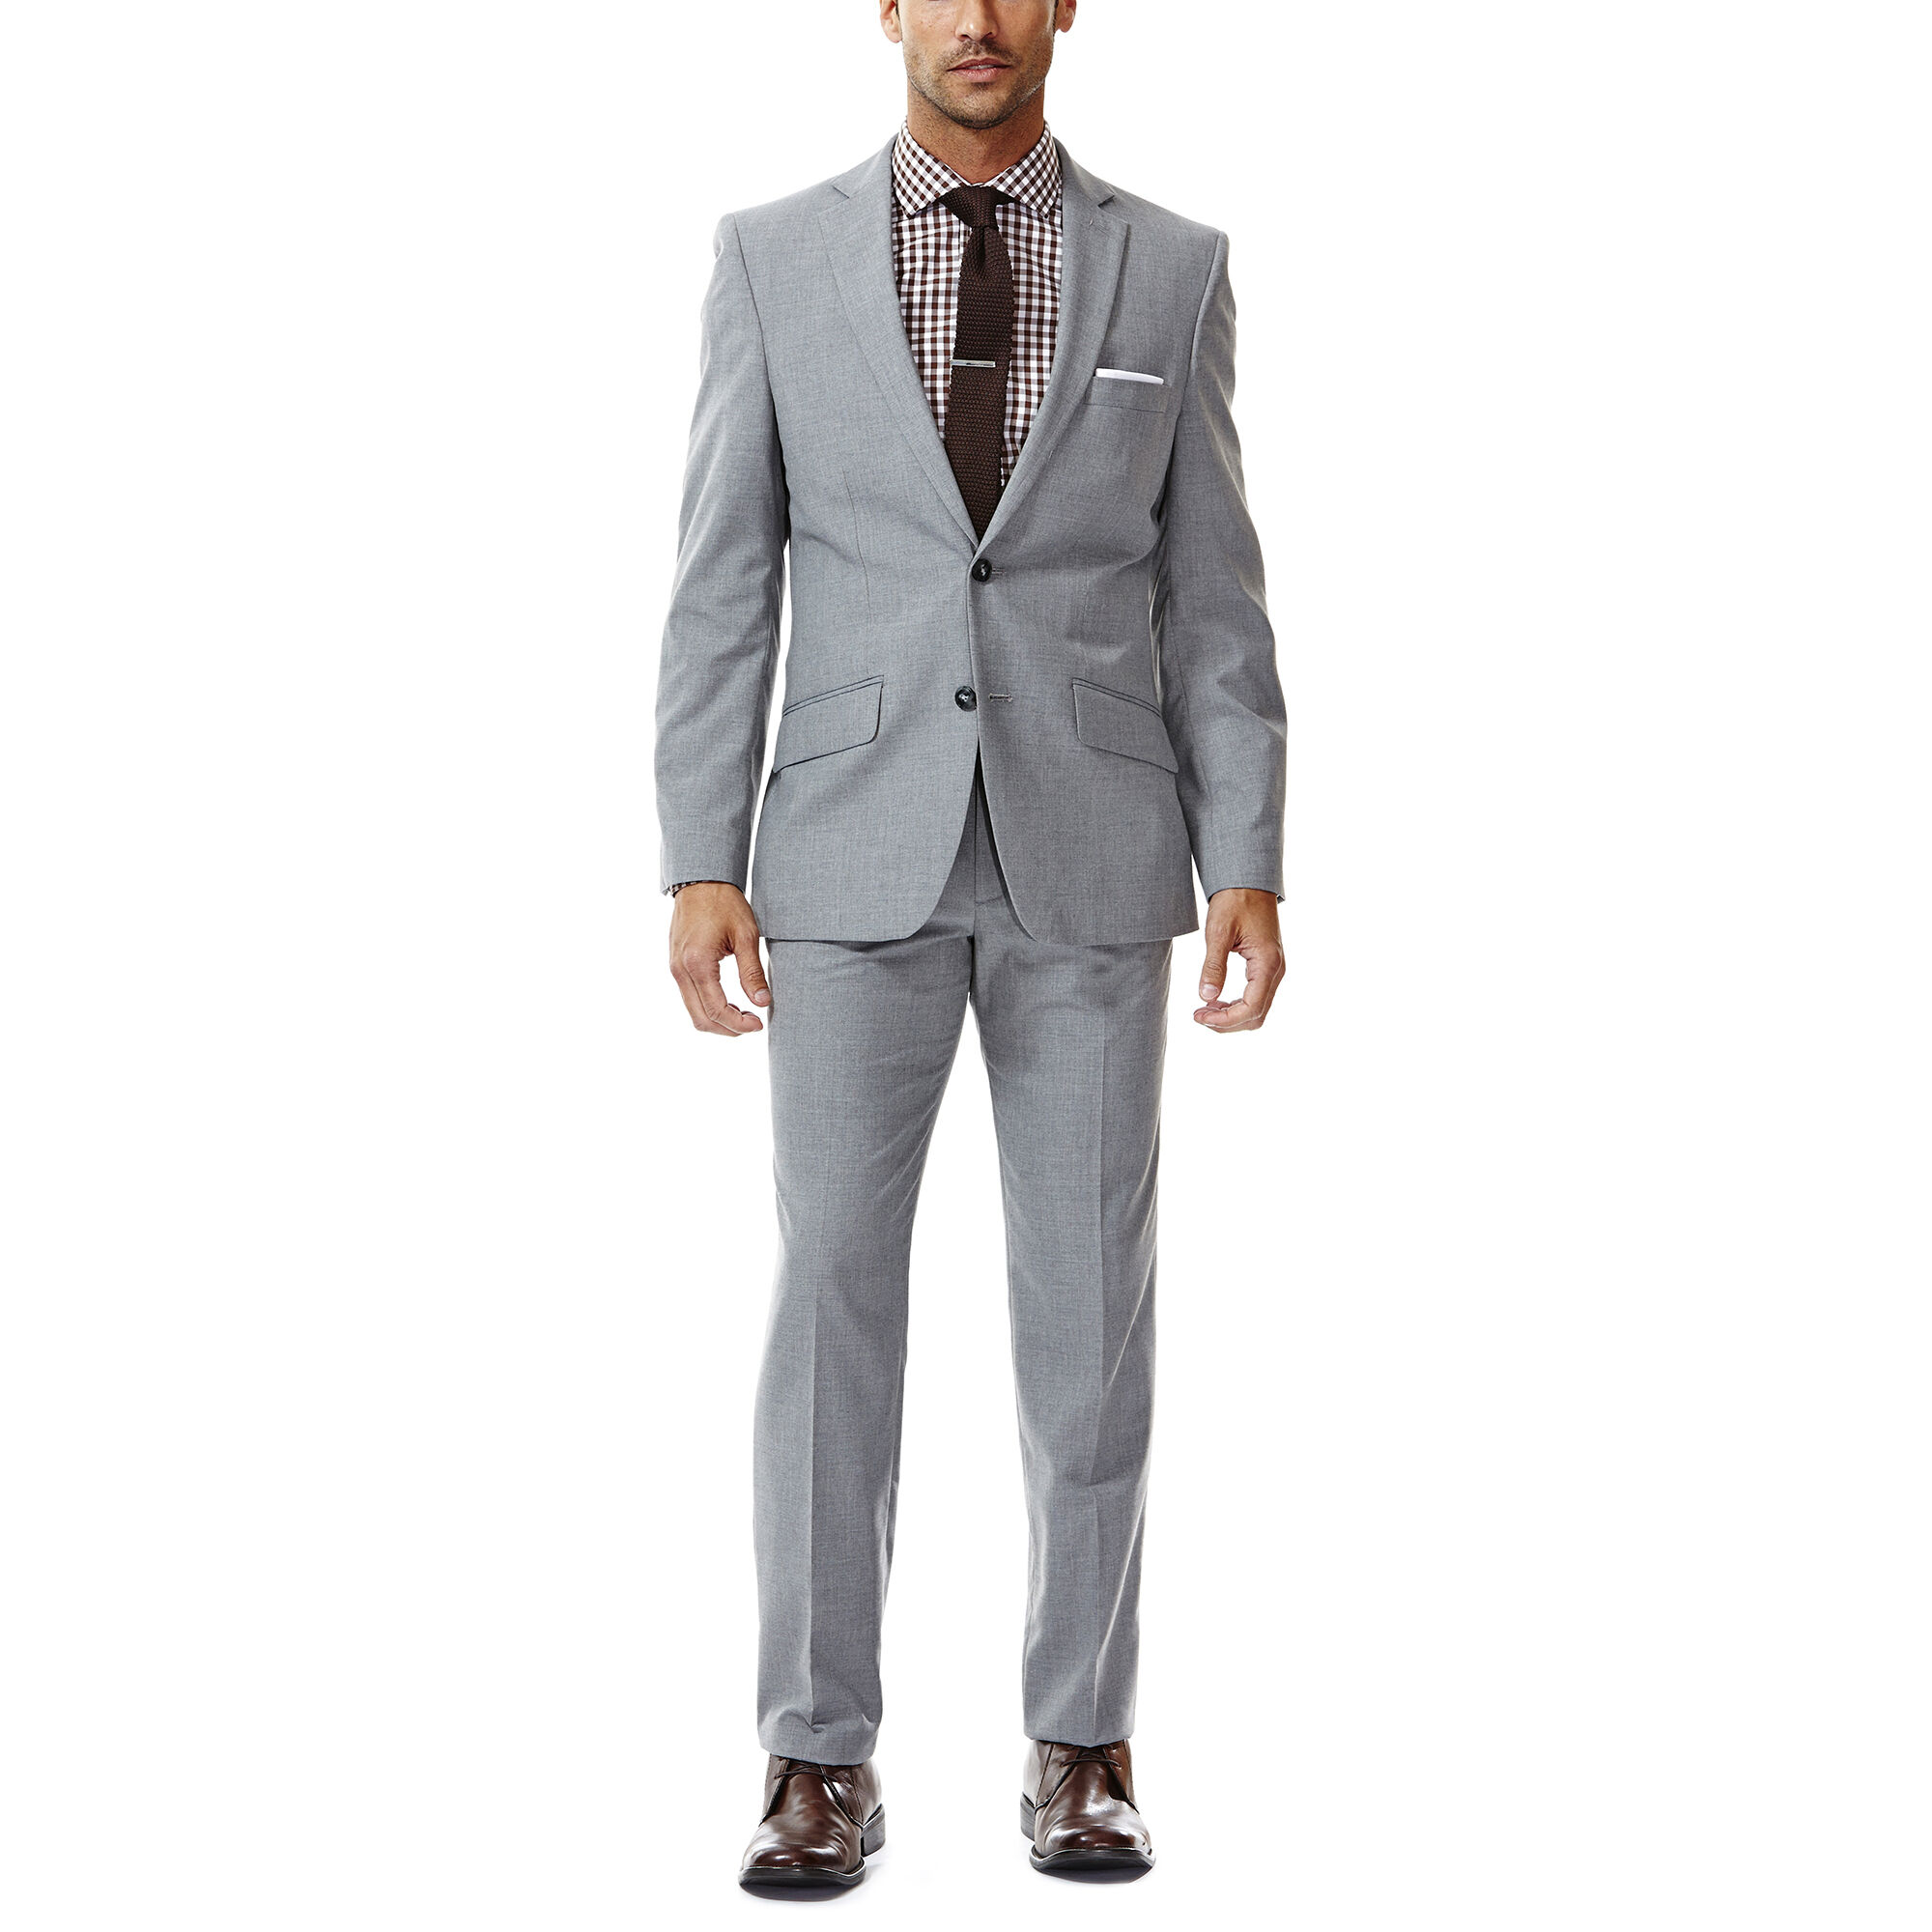 ie suits online gray light plain store grey suitsupply en havana suit